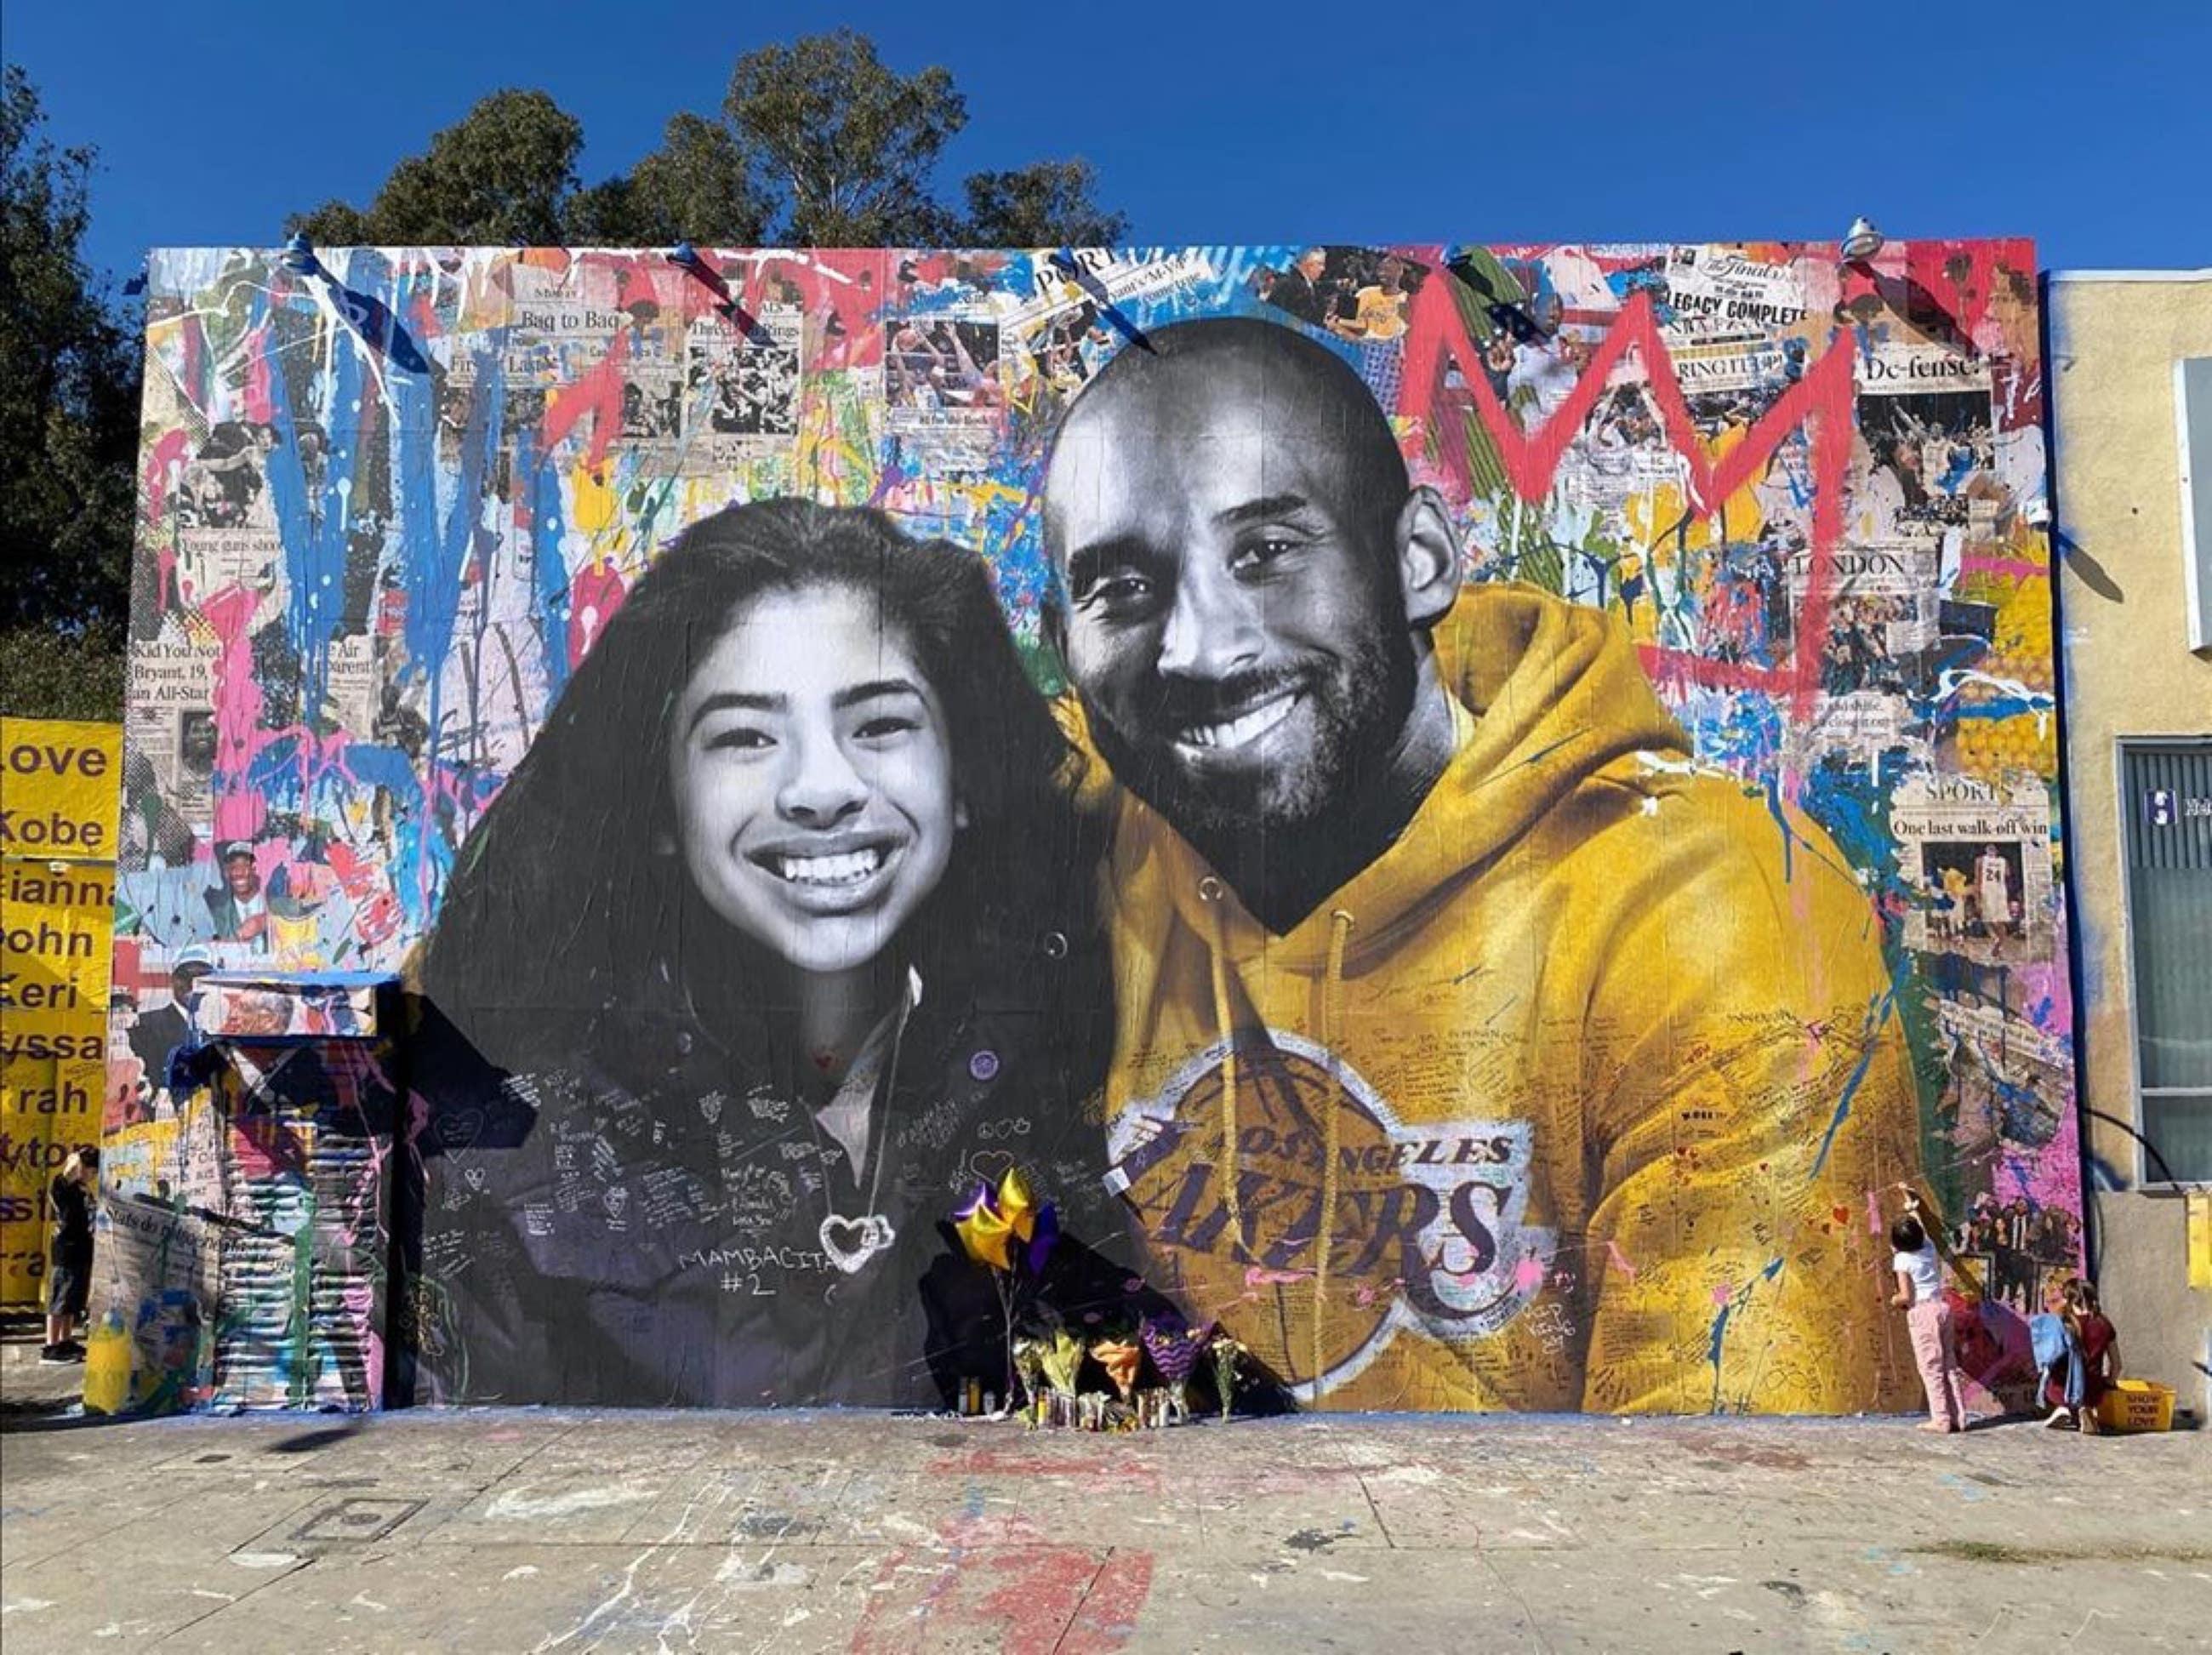 Kobe and Gianna Bryant mural by Mr. Brainwash